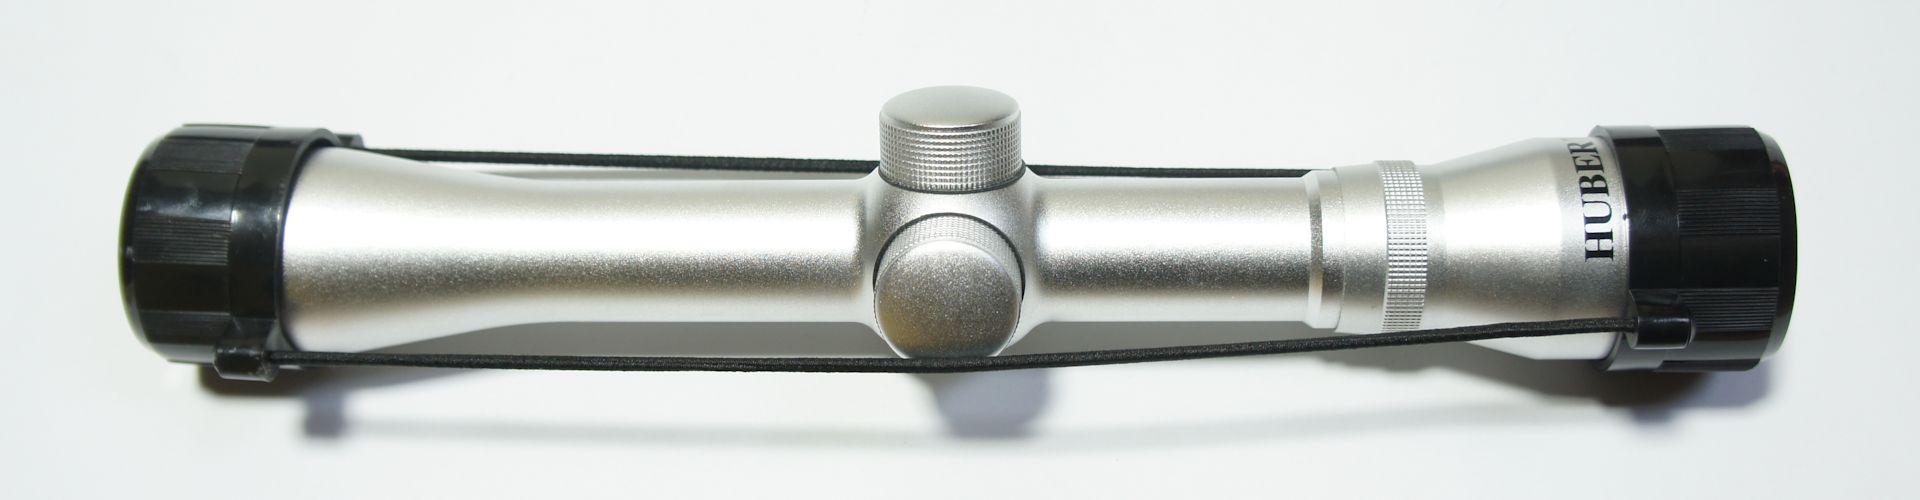 vernickeltes Zielfernrohr Hubertus 4x32, Abbildung mit den durchsichtigen Staubschutzkappen